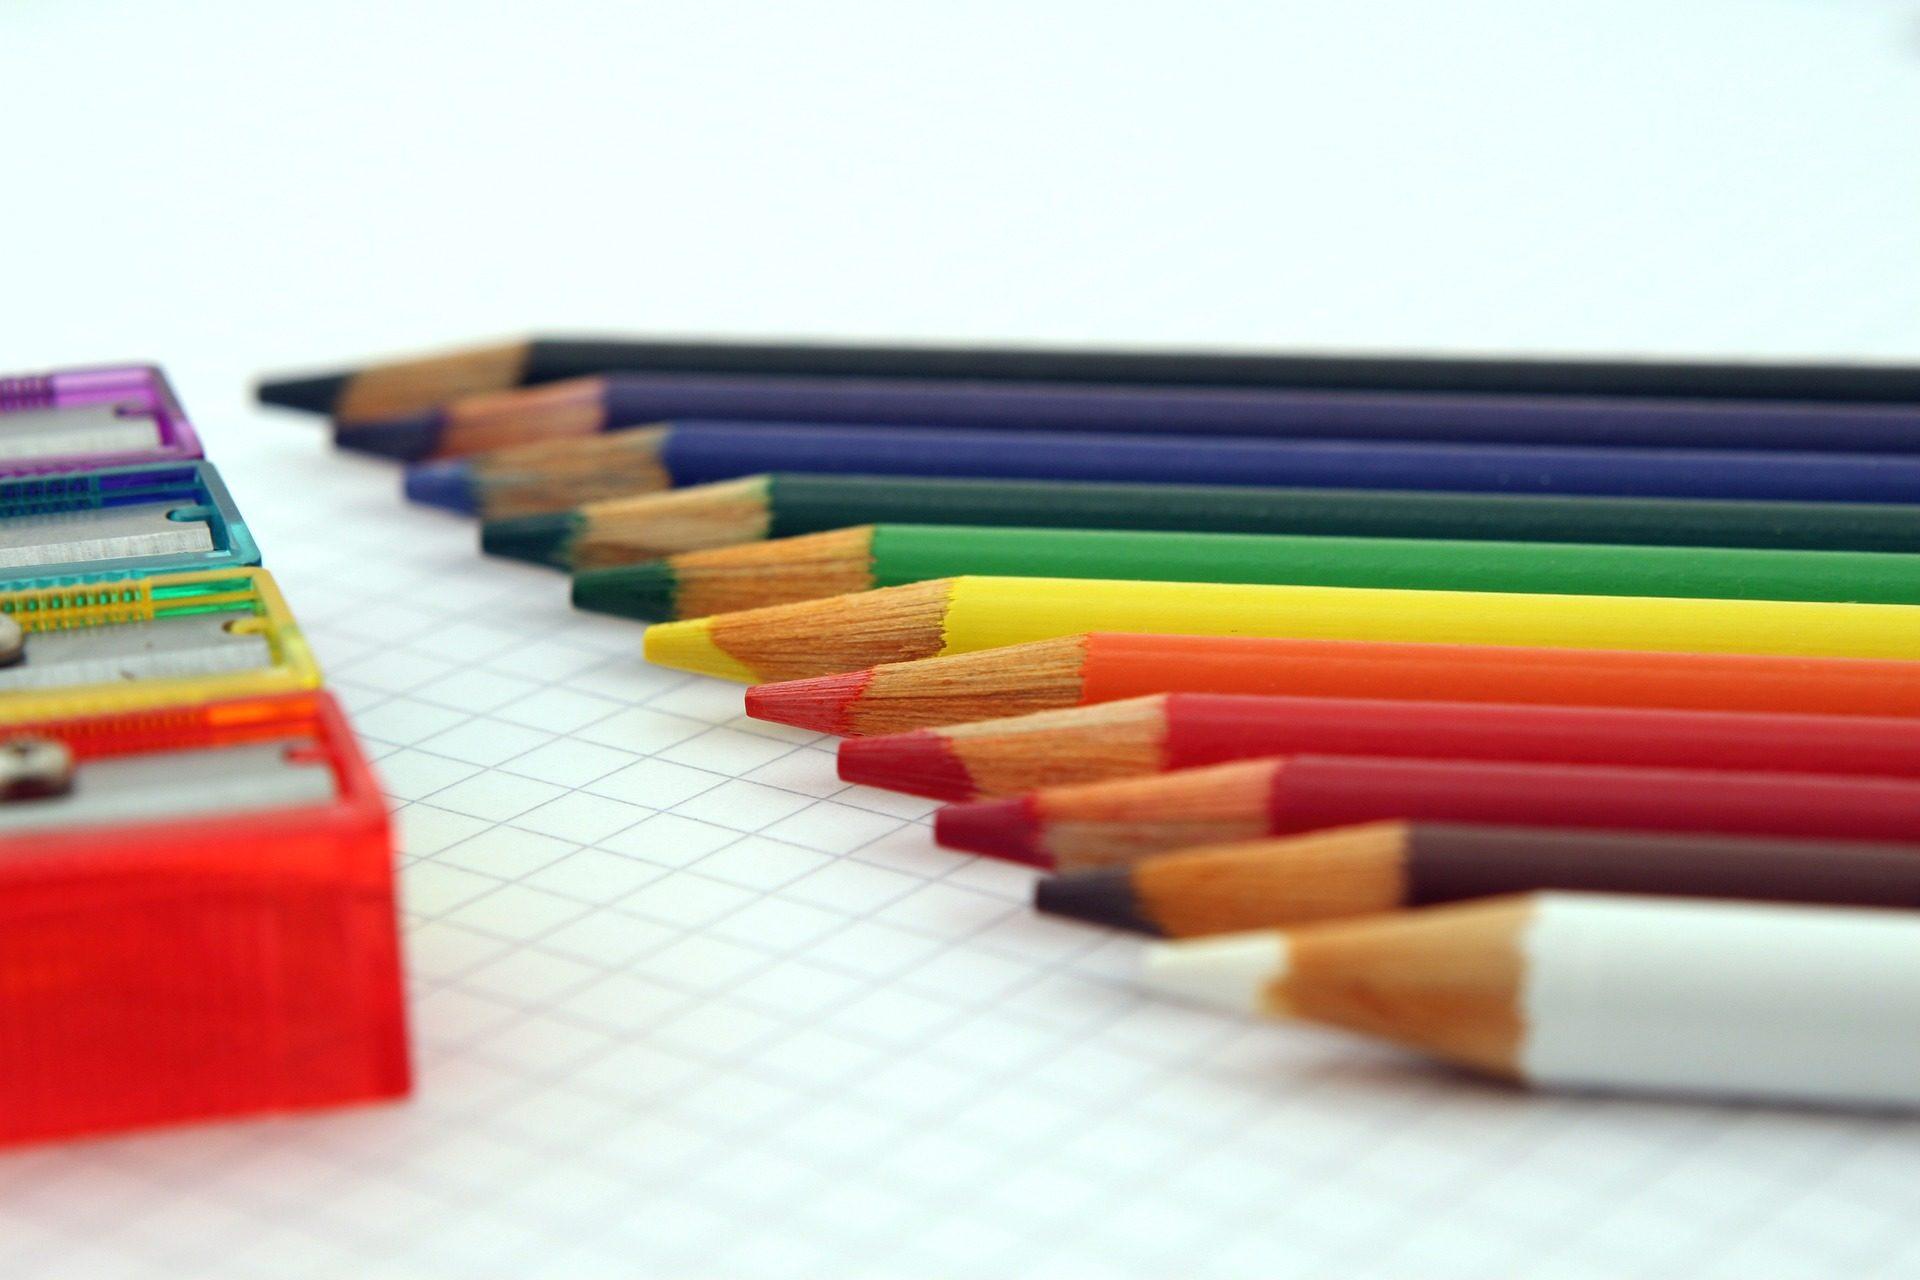 μολύβια, χρώματα, Ξύστρα, πολύχρωμο, βιβλίο διευθύνσεων, Συμβουλές - Wallpapers HD - Professor-falken.com